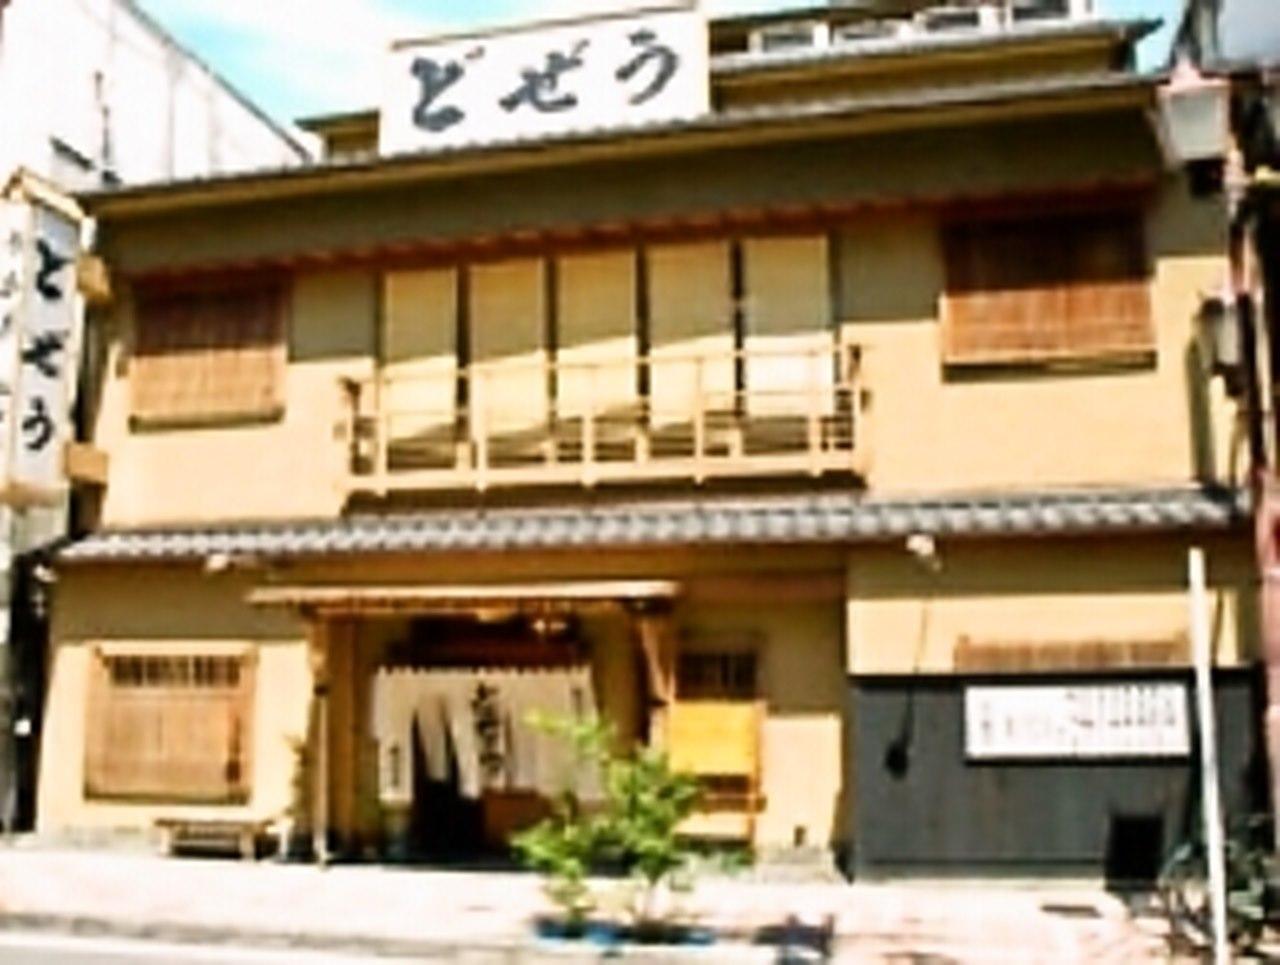 飯田屋 6枚目の画像